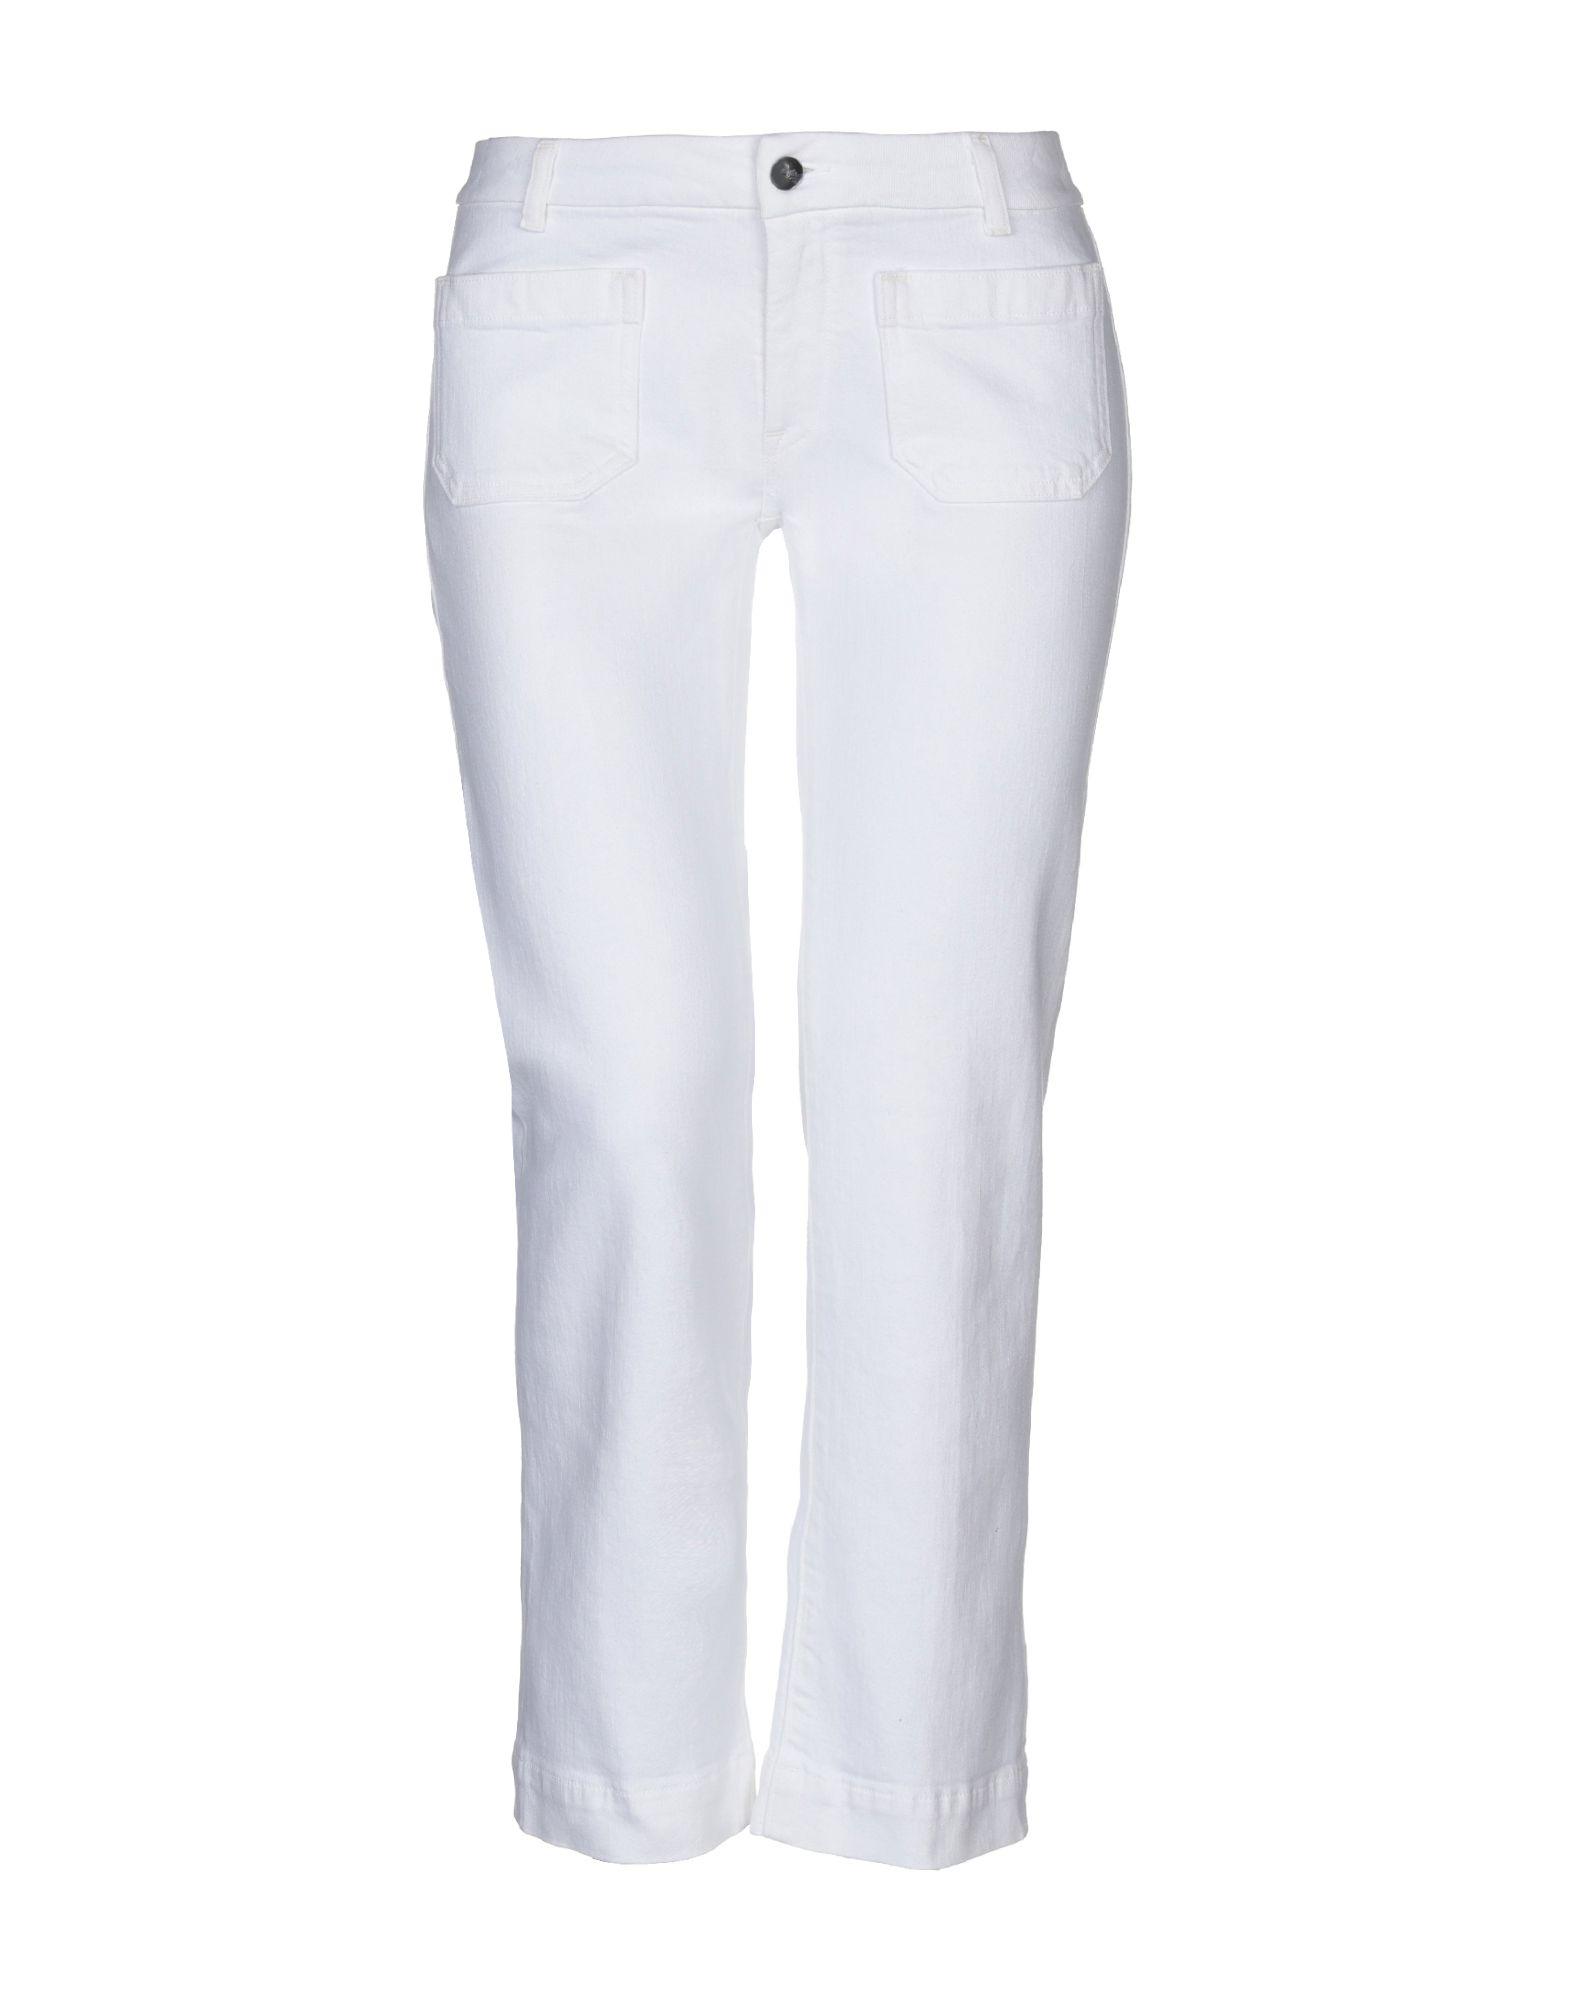 THE SEAFARER Джинсовые брюки-капри капри manikini the best капри